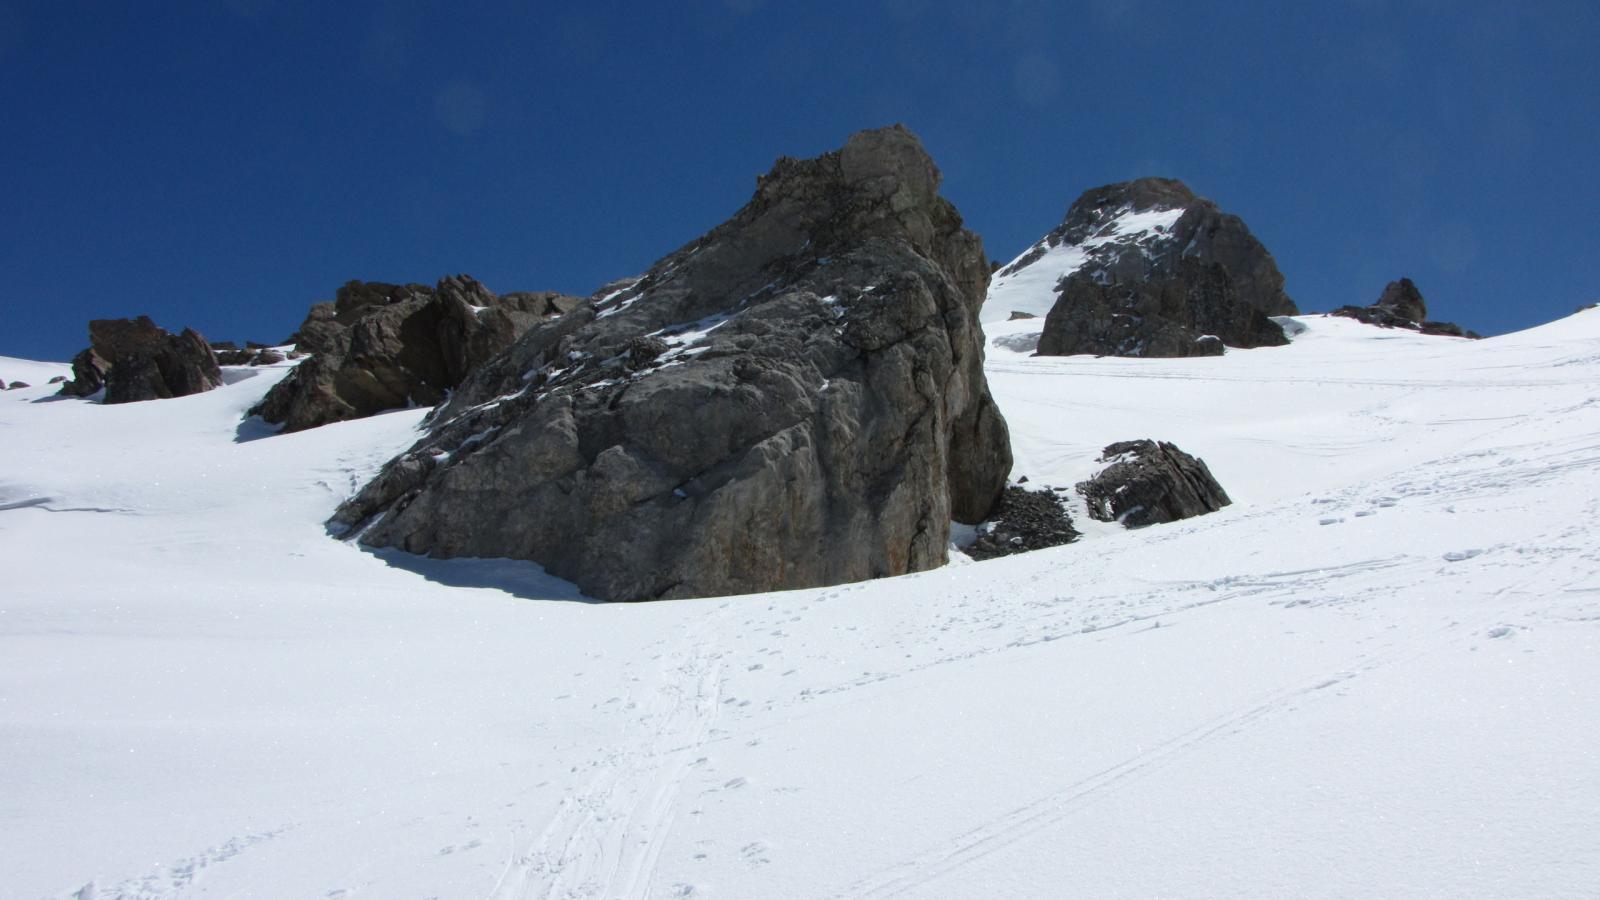 passando sotto il filo di cresta tra alcuni spuntoni rocciosi a quota 2700 m.